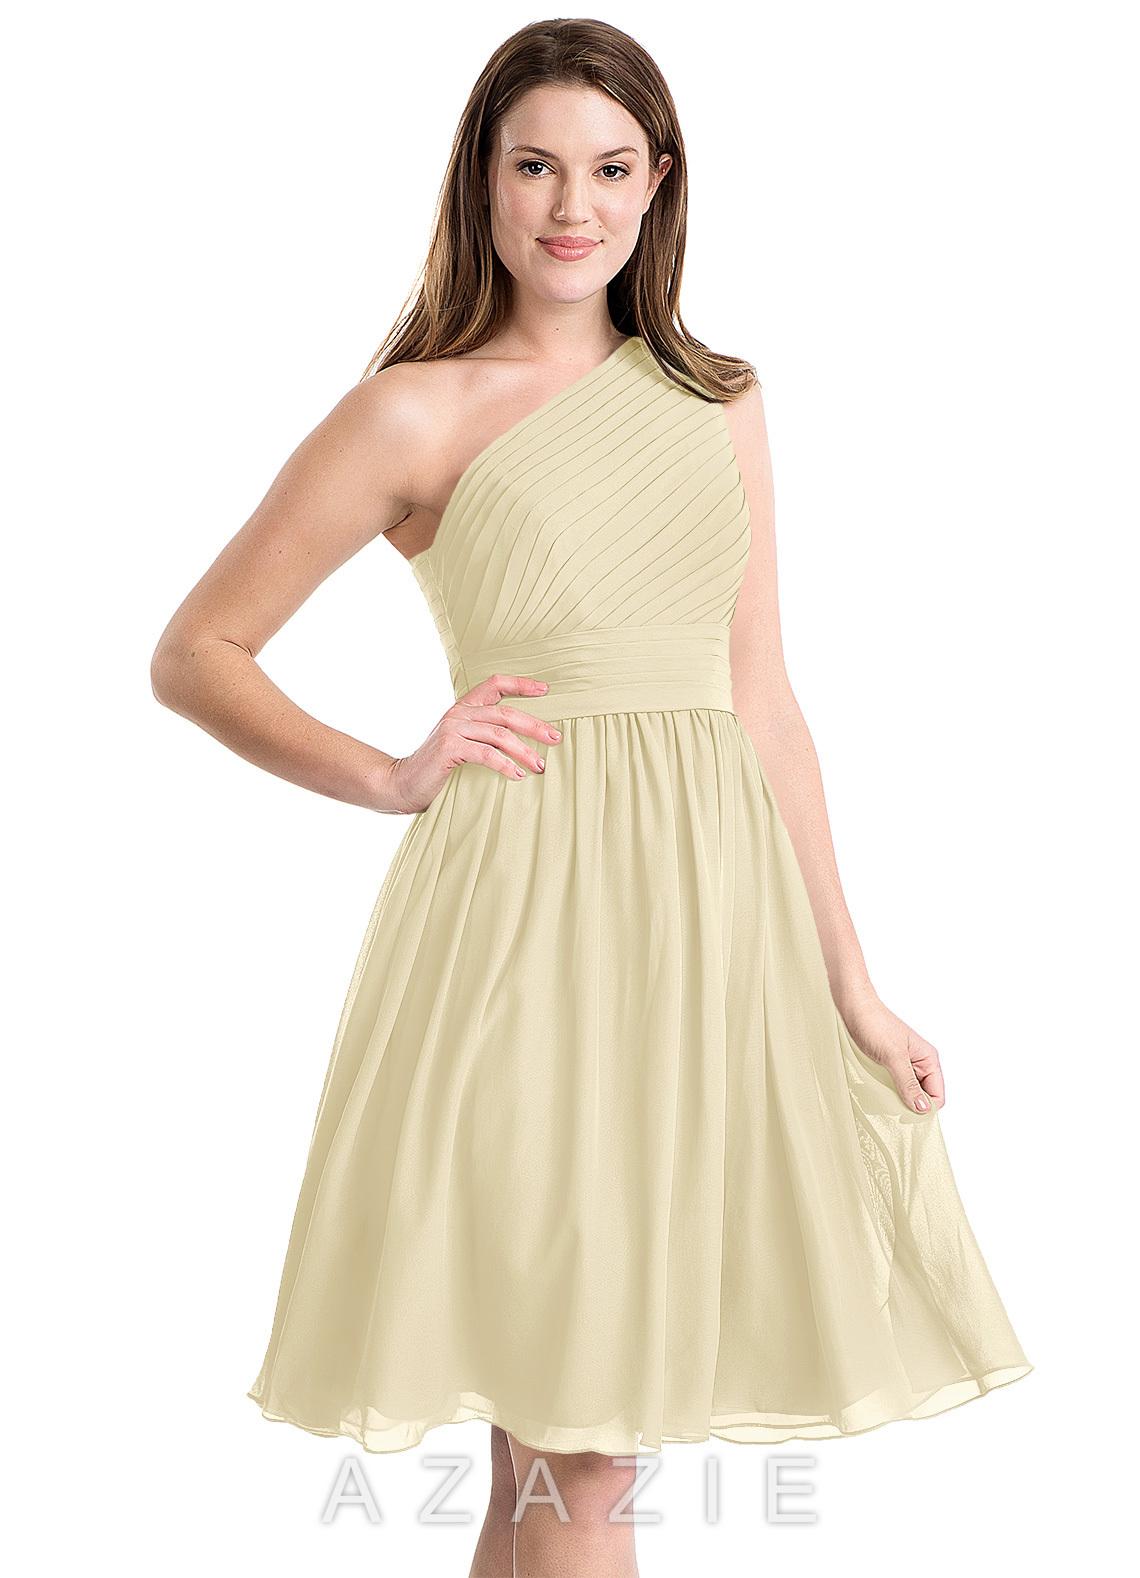 e99decb8fc Azazie Katrina Bridesmaid Dresses